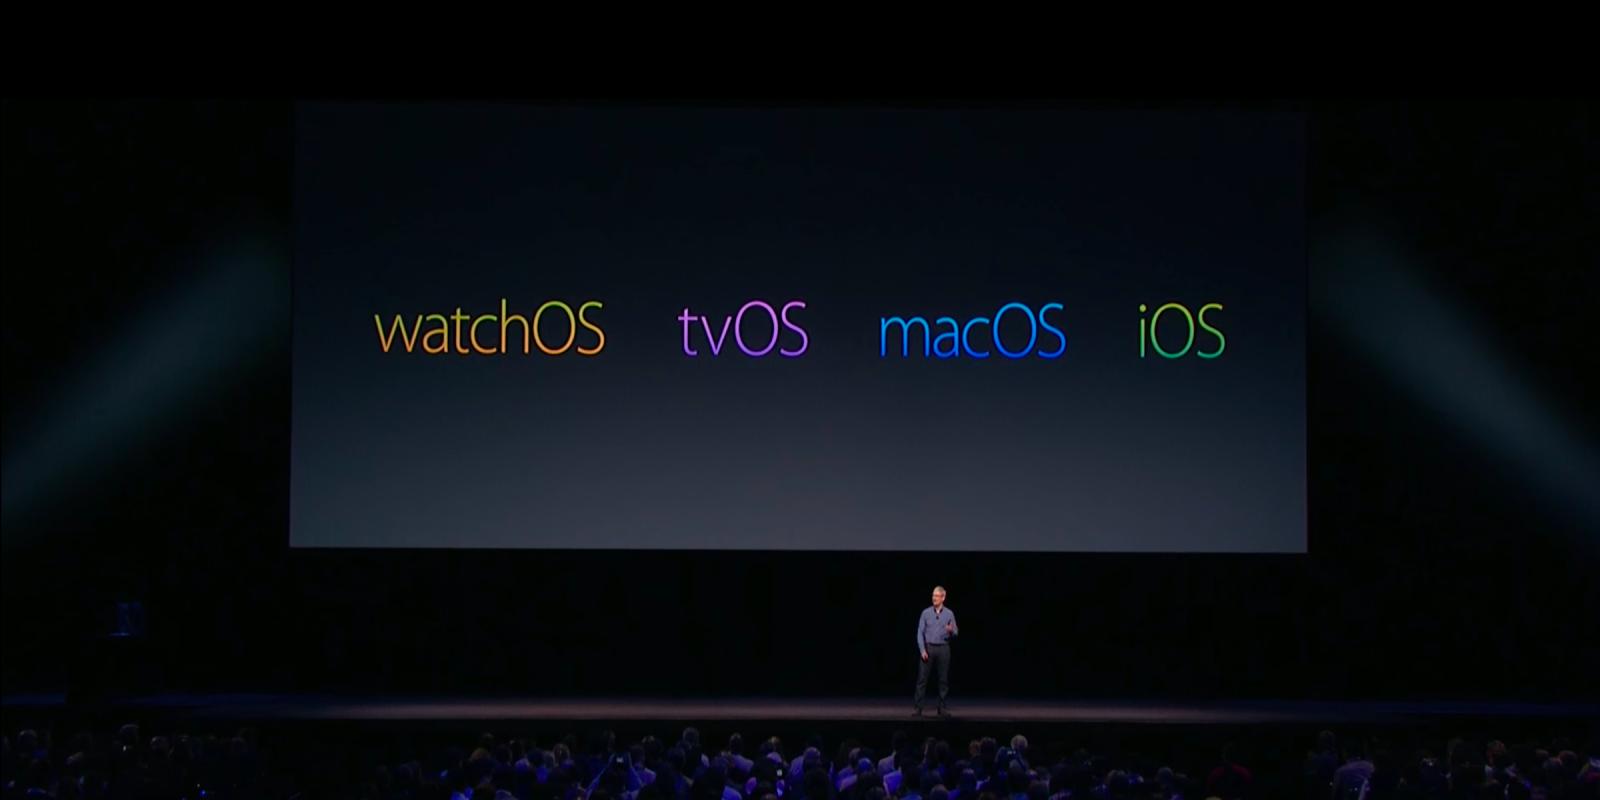 wwdc-2016-watchos-tvos-macos-ios